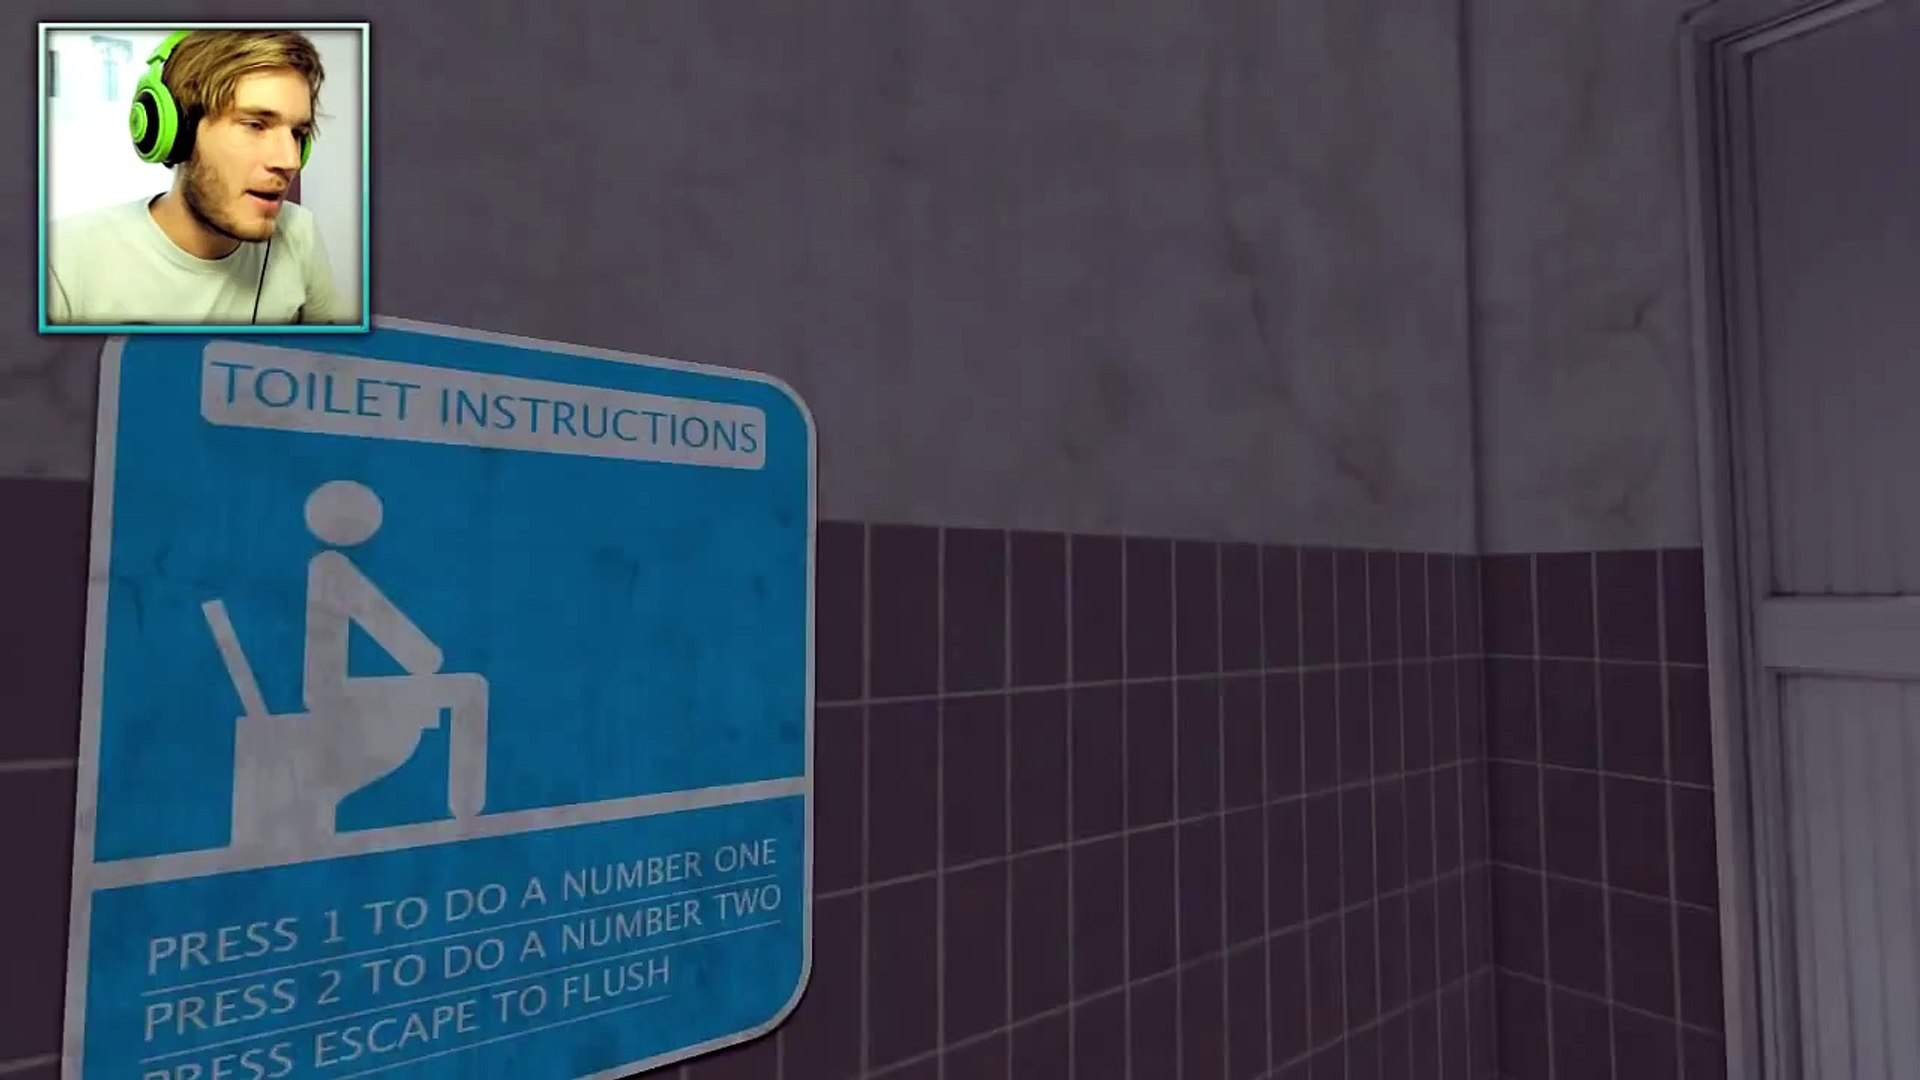 Toilet Simulator 2013, Robot Vaccum Simulator 2013 & Curtain Simulator 2013